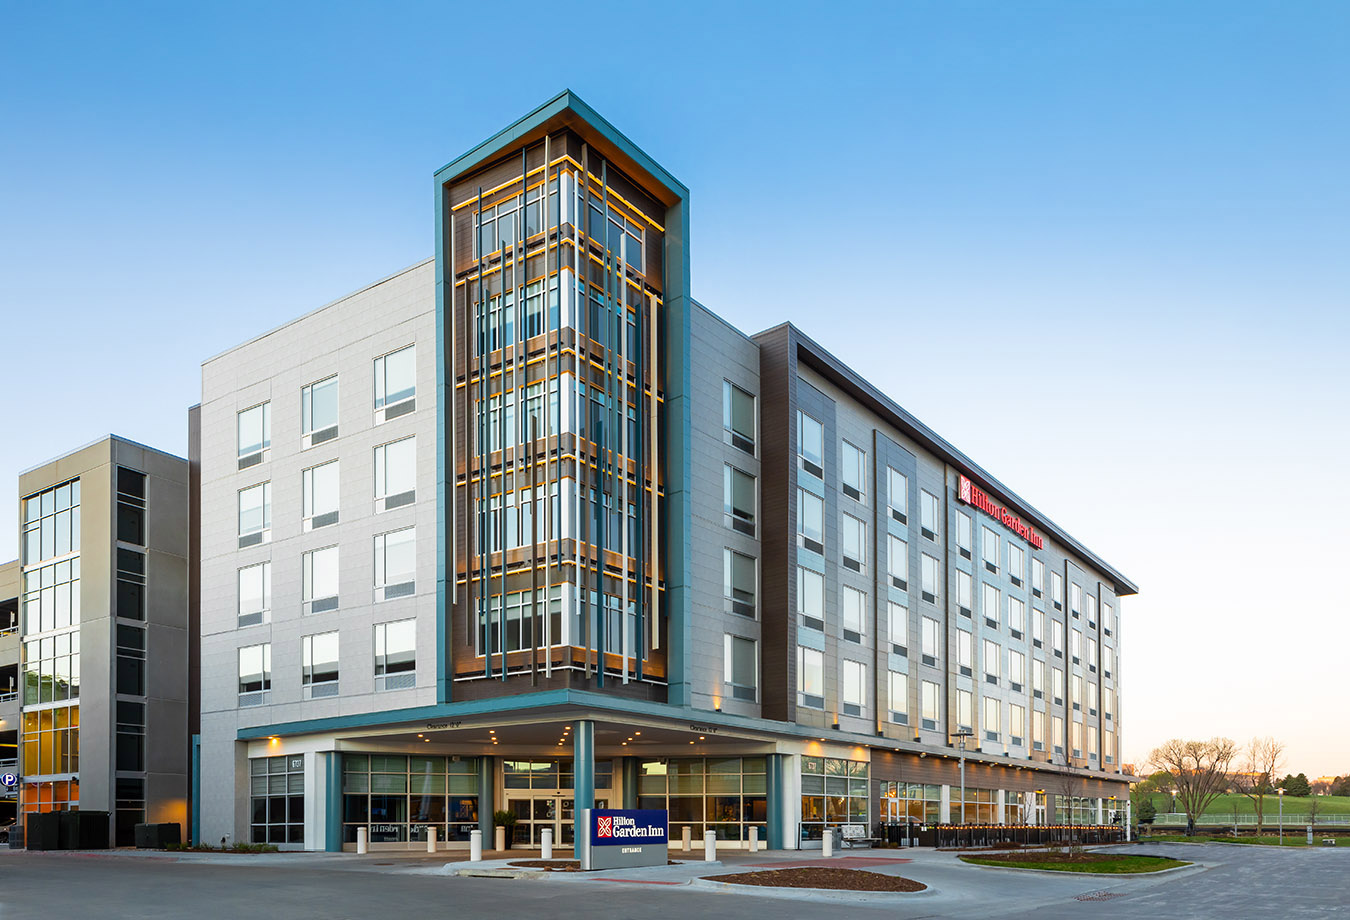 NGC's Hilton Garden Inn Askarben Omaha